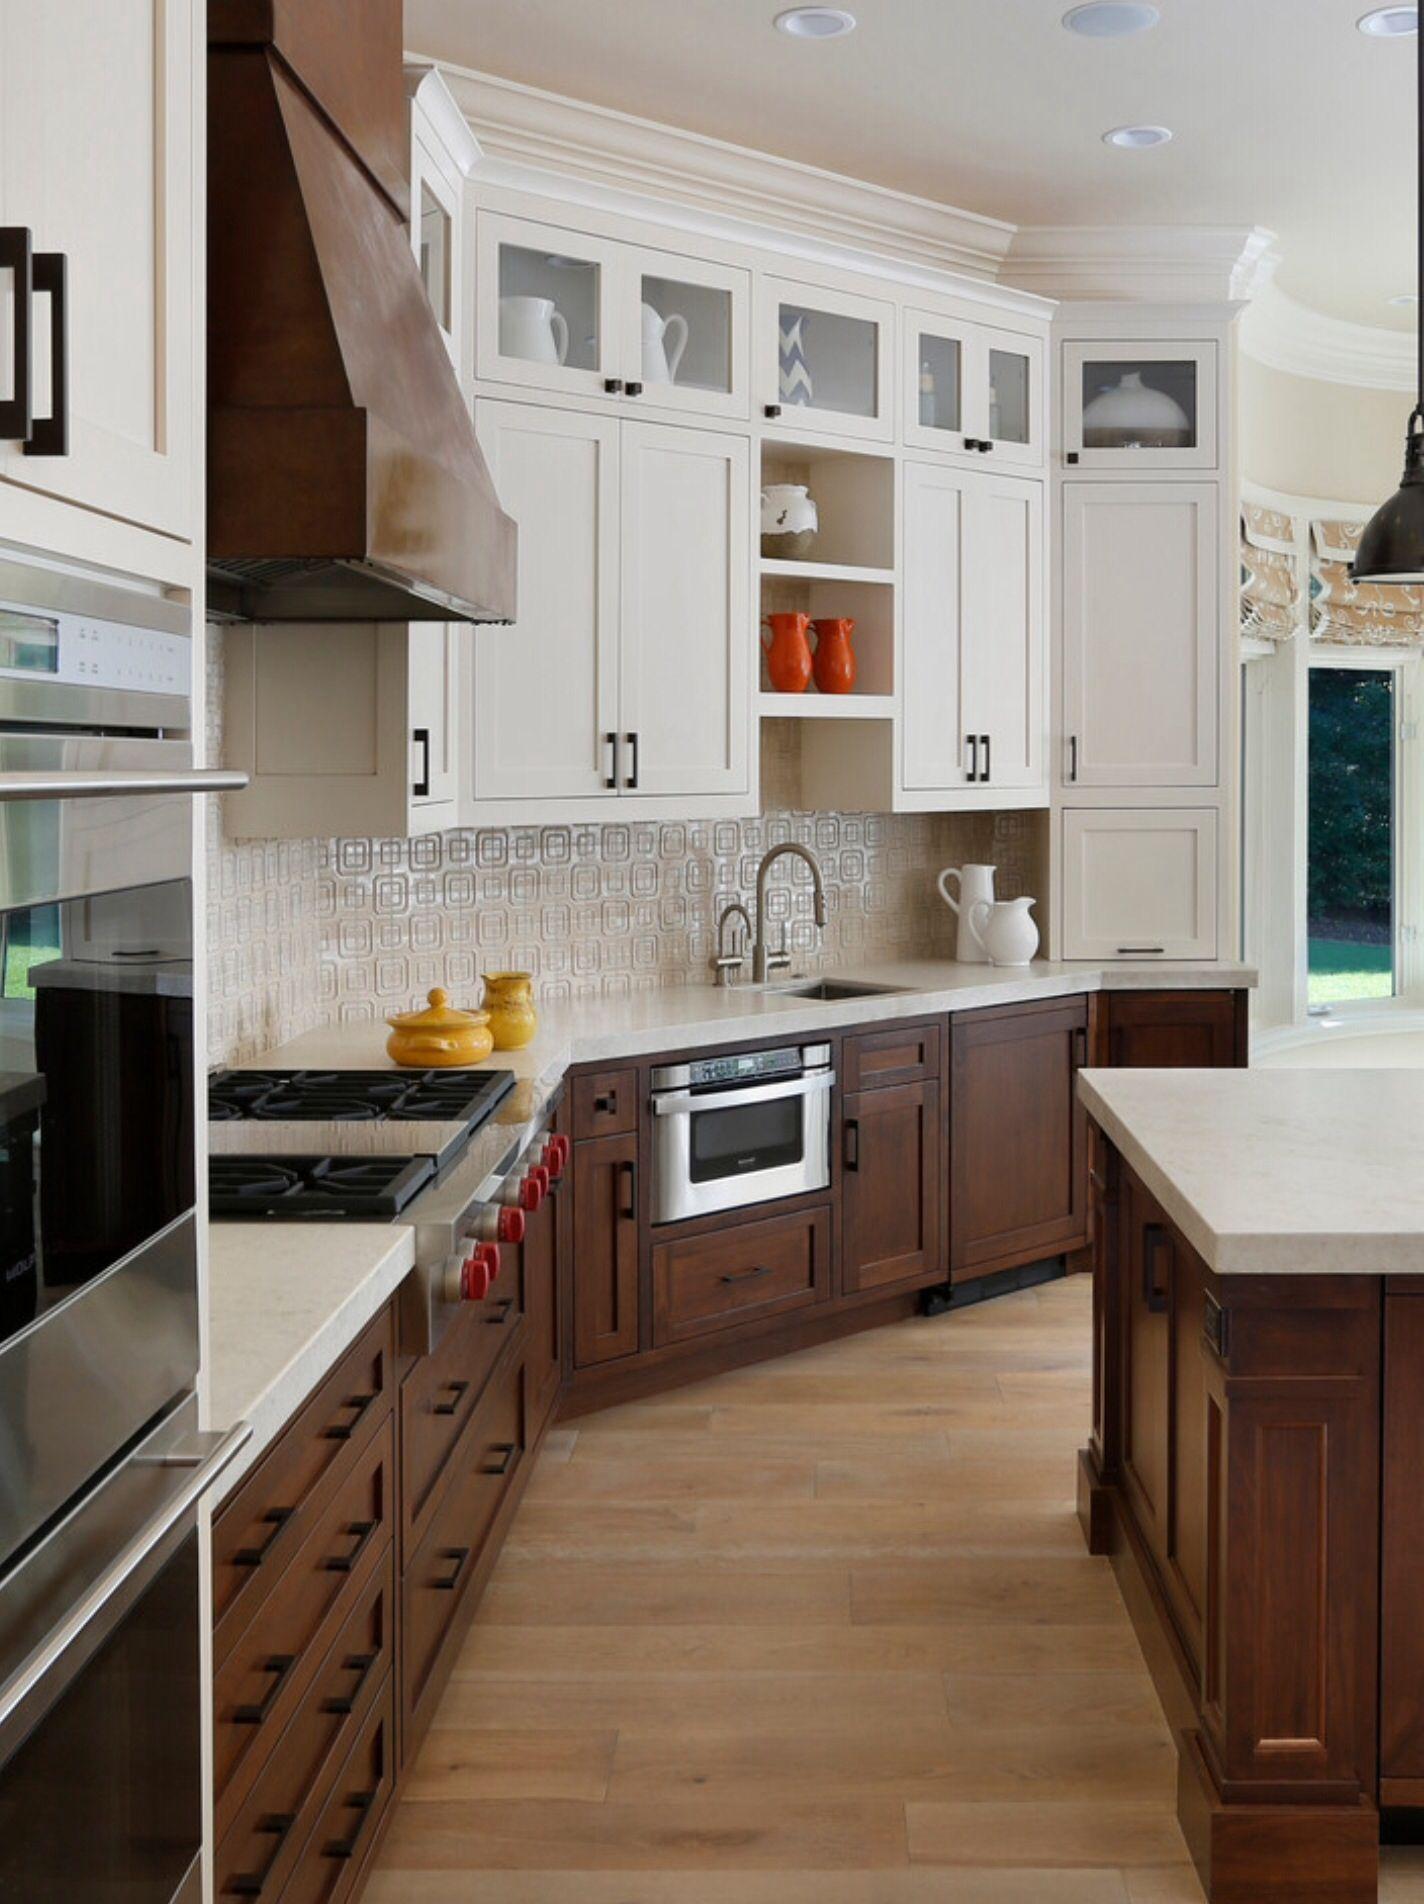 Schön Anfärben Küchenschränke Fotos - Ideen Für Die Küche Dekoration ...